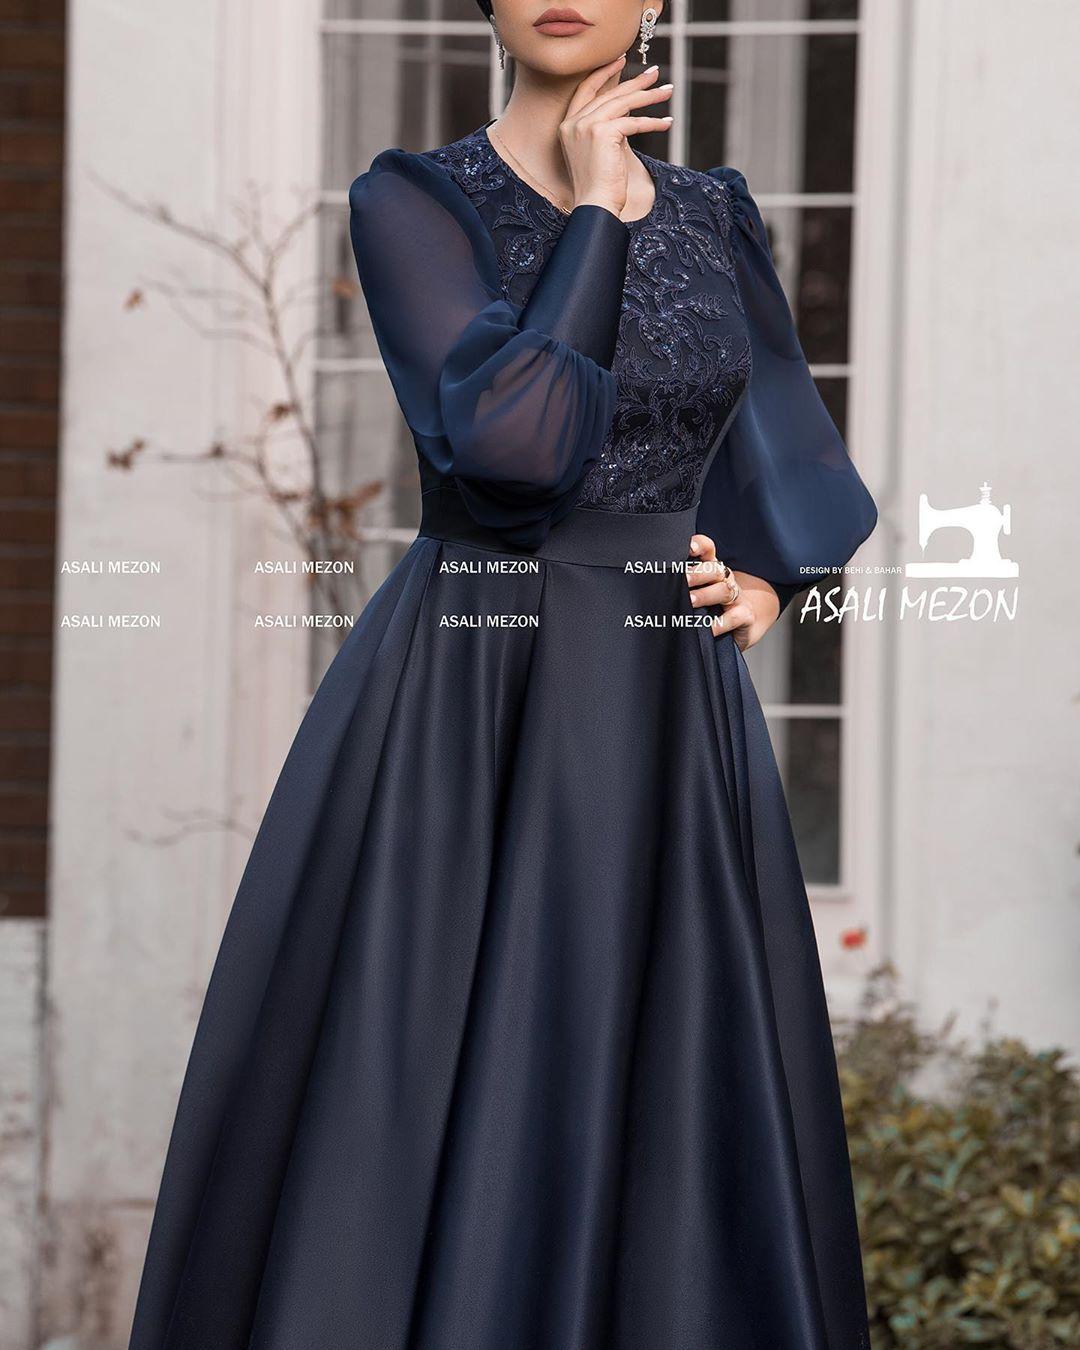 مدل لباس مجلسی ماکسی بلند دخترانه